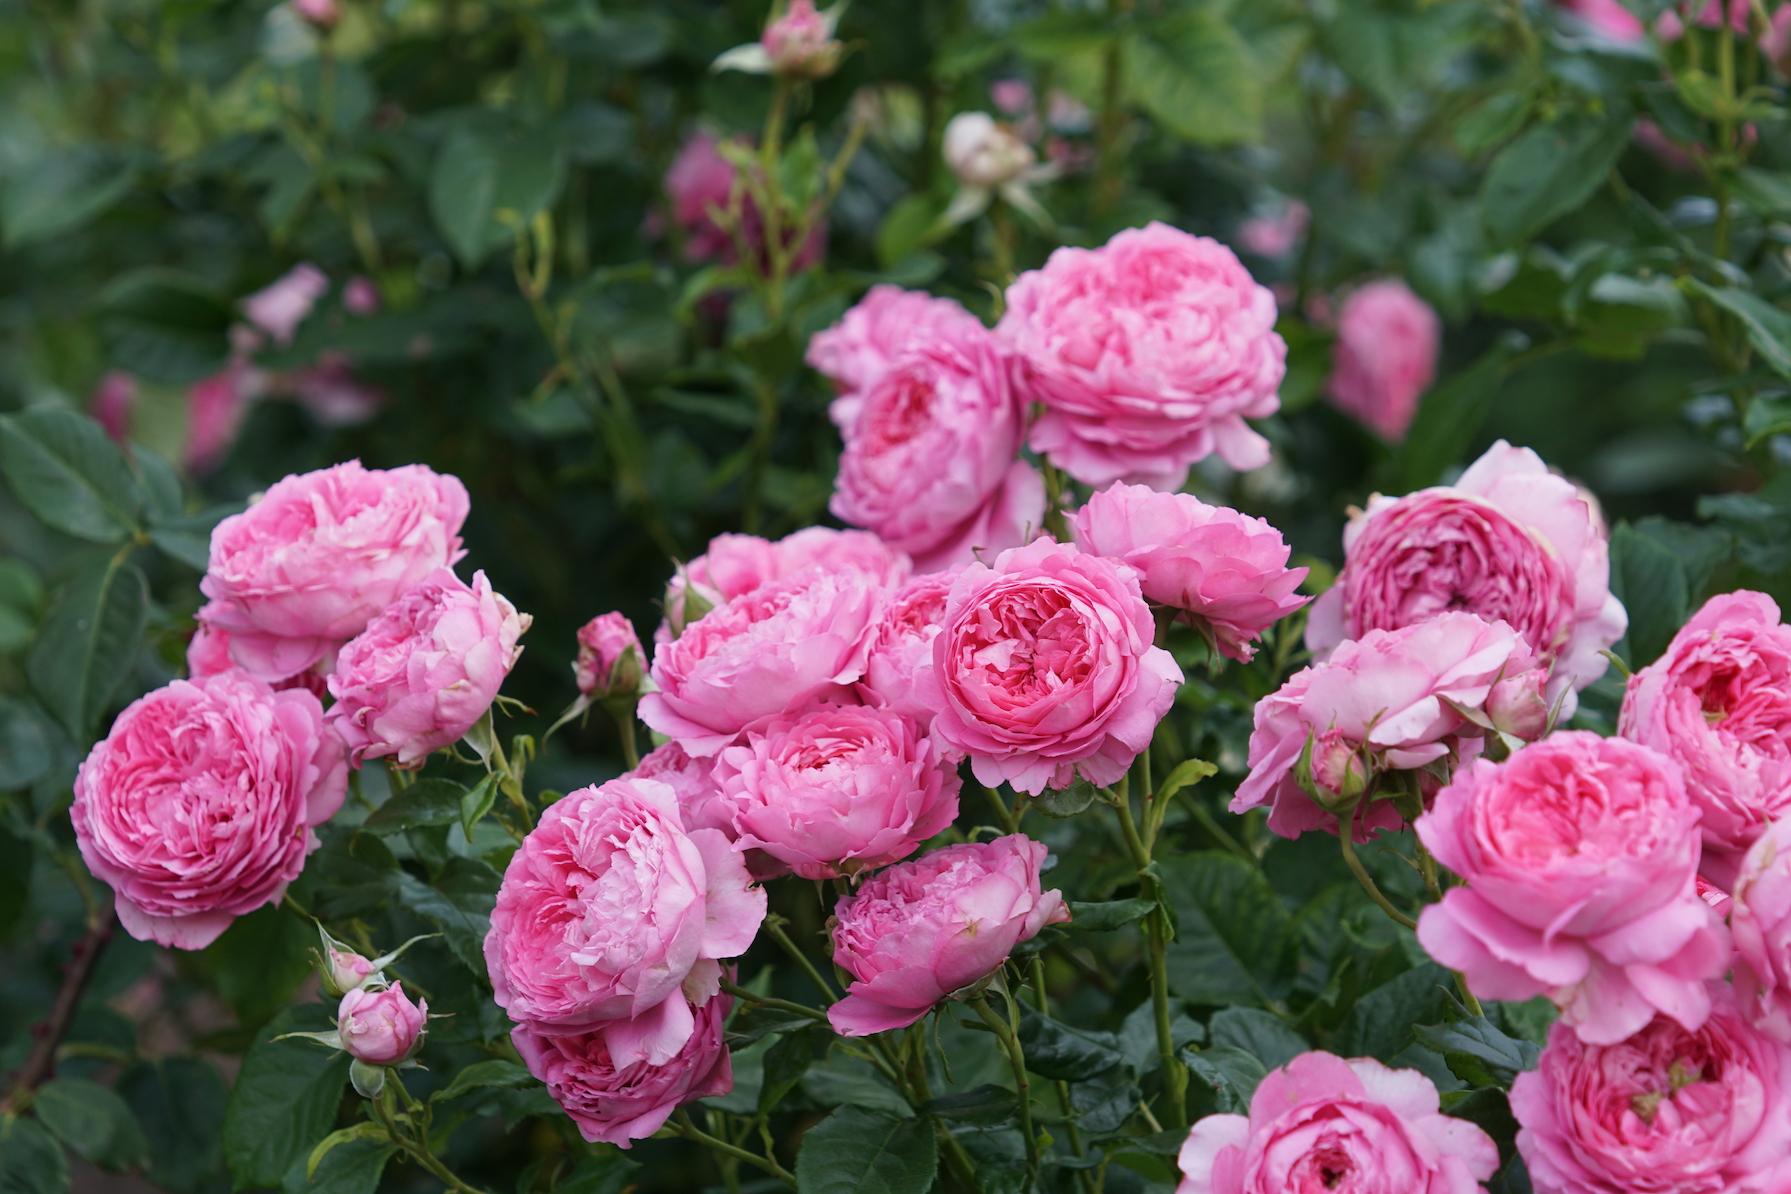 Rosier buisson Générosa® - Chantal Mérieux® - Roses Guillot®